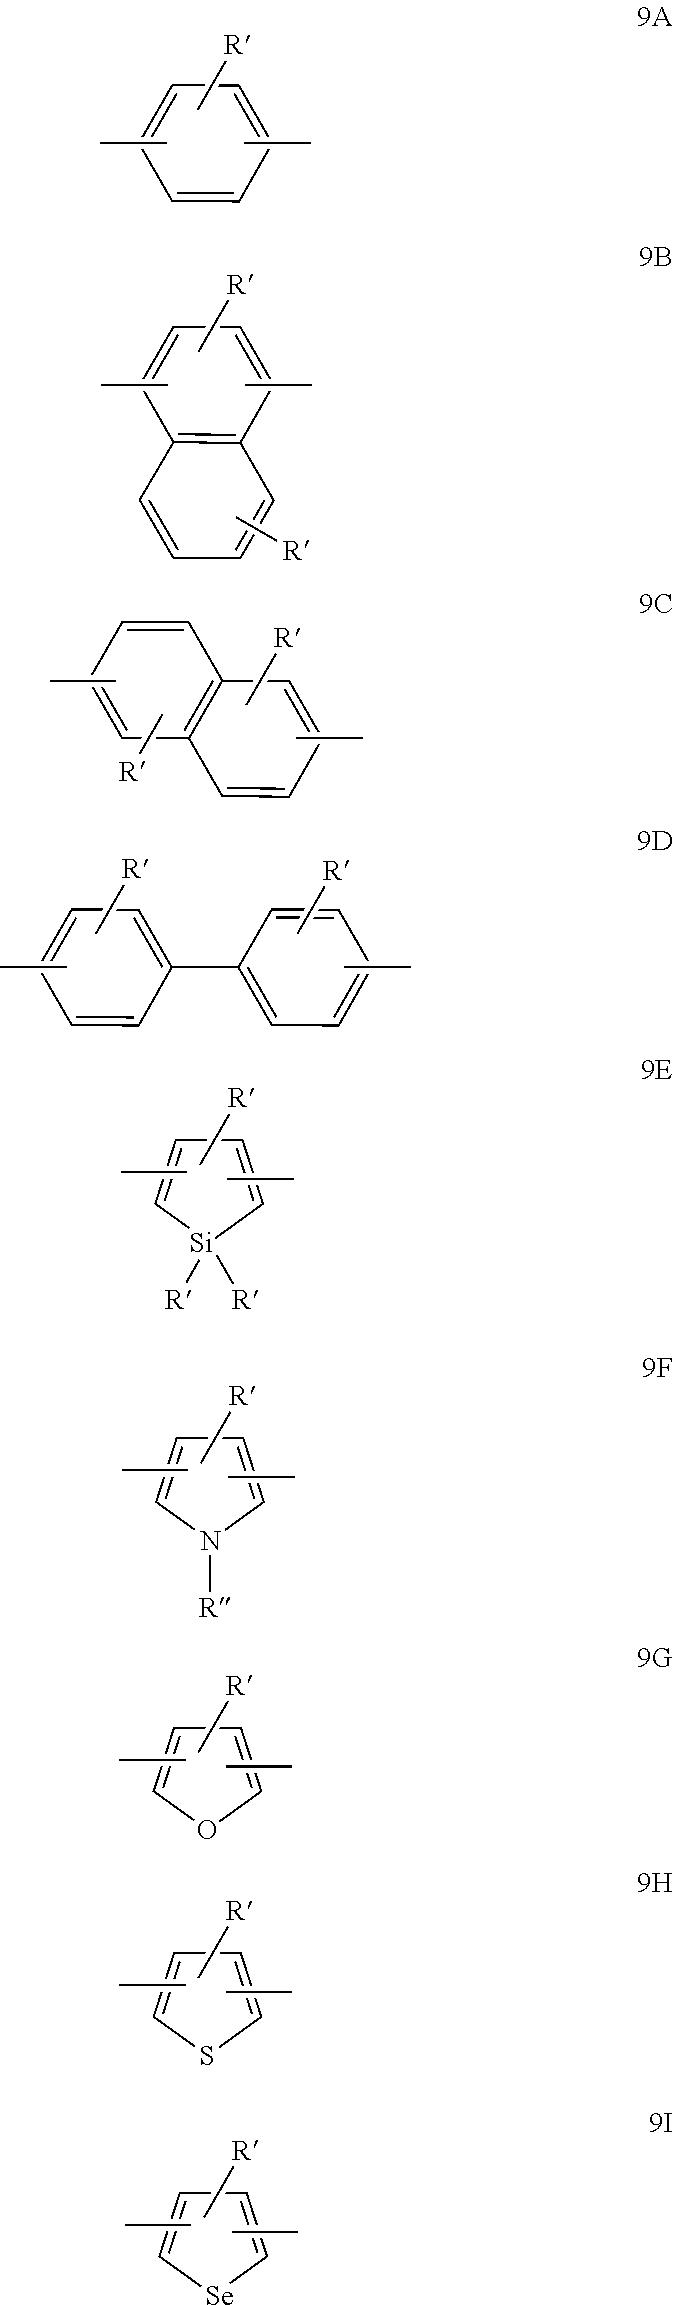 Figure US07875367-20110125-C00073